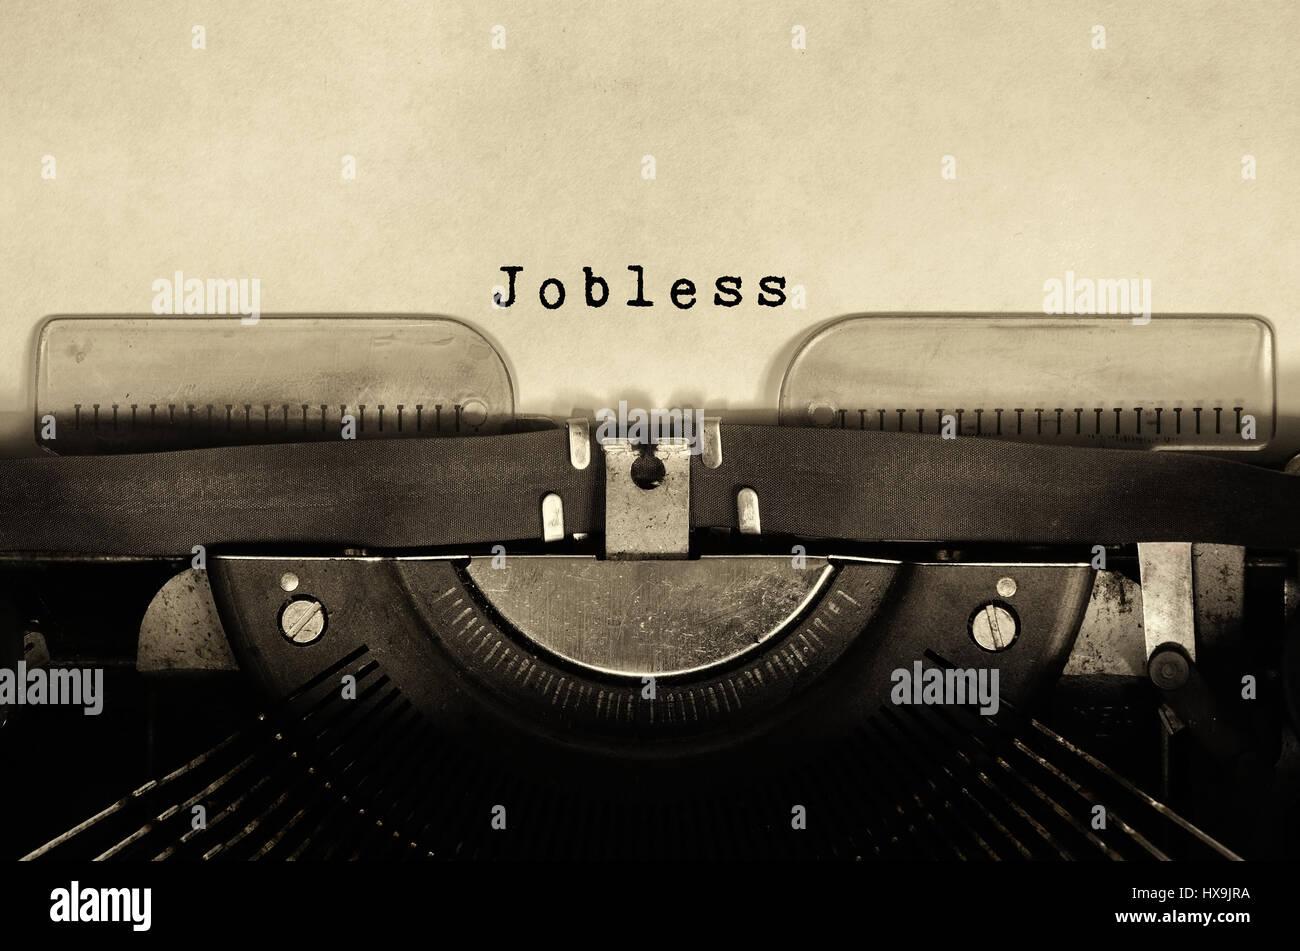 Disoccupati digitato sulla macchina da scrivere vintage Immagini Stock